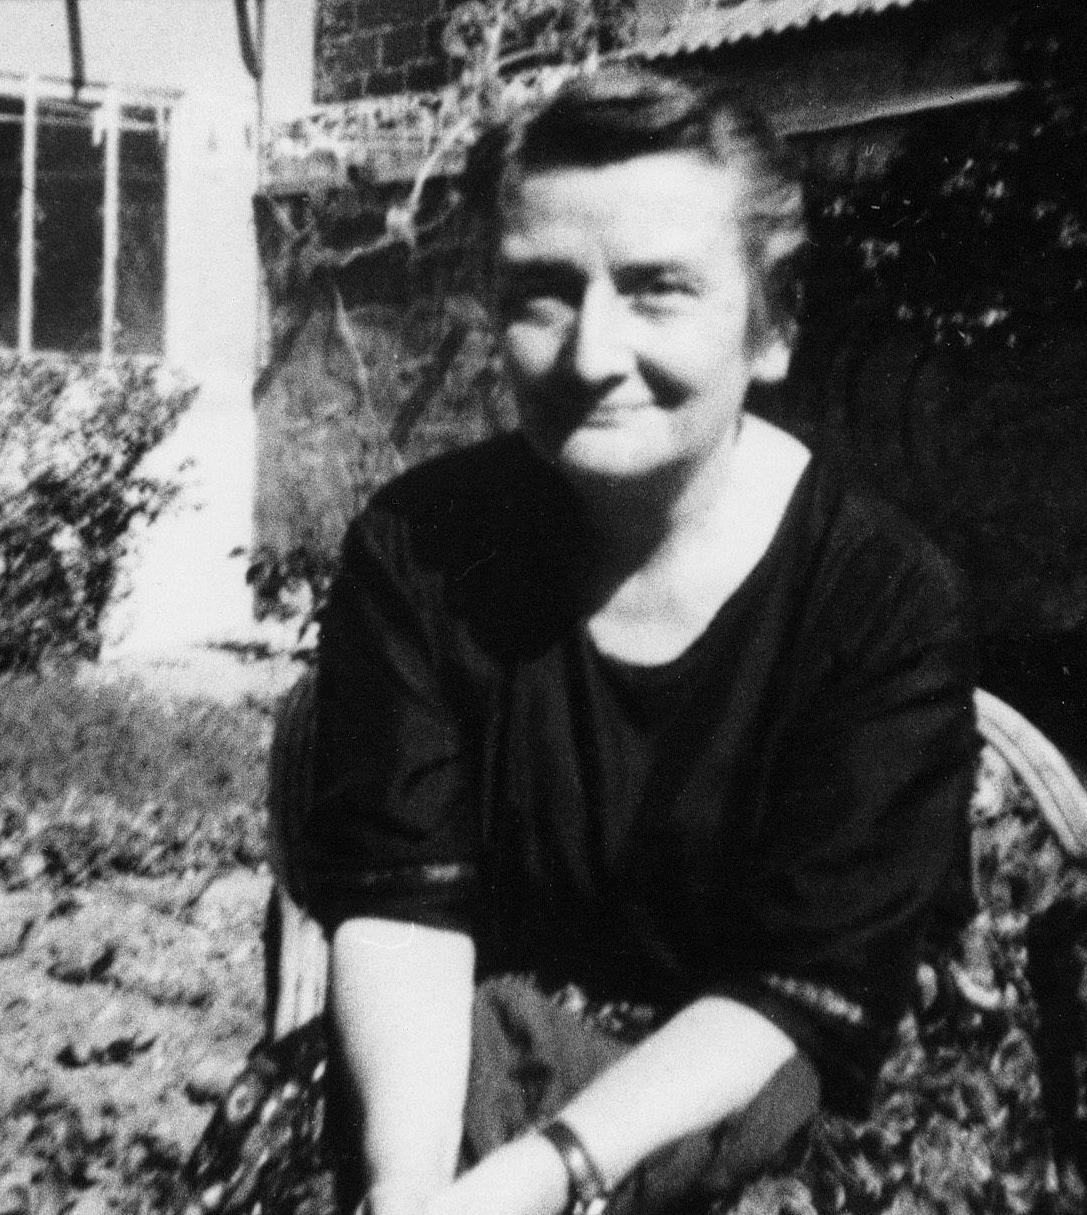 Madeleine delbrel portrait